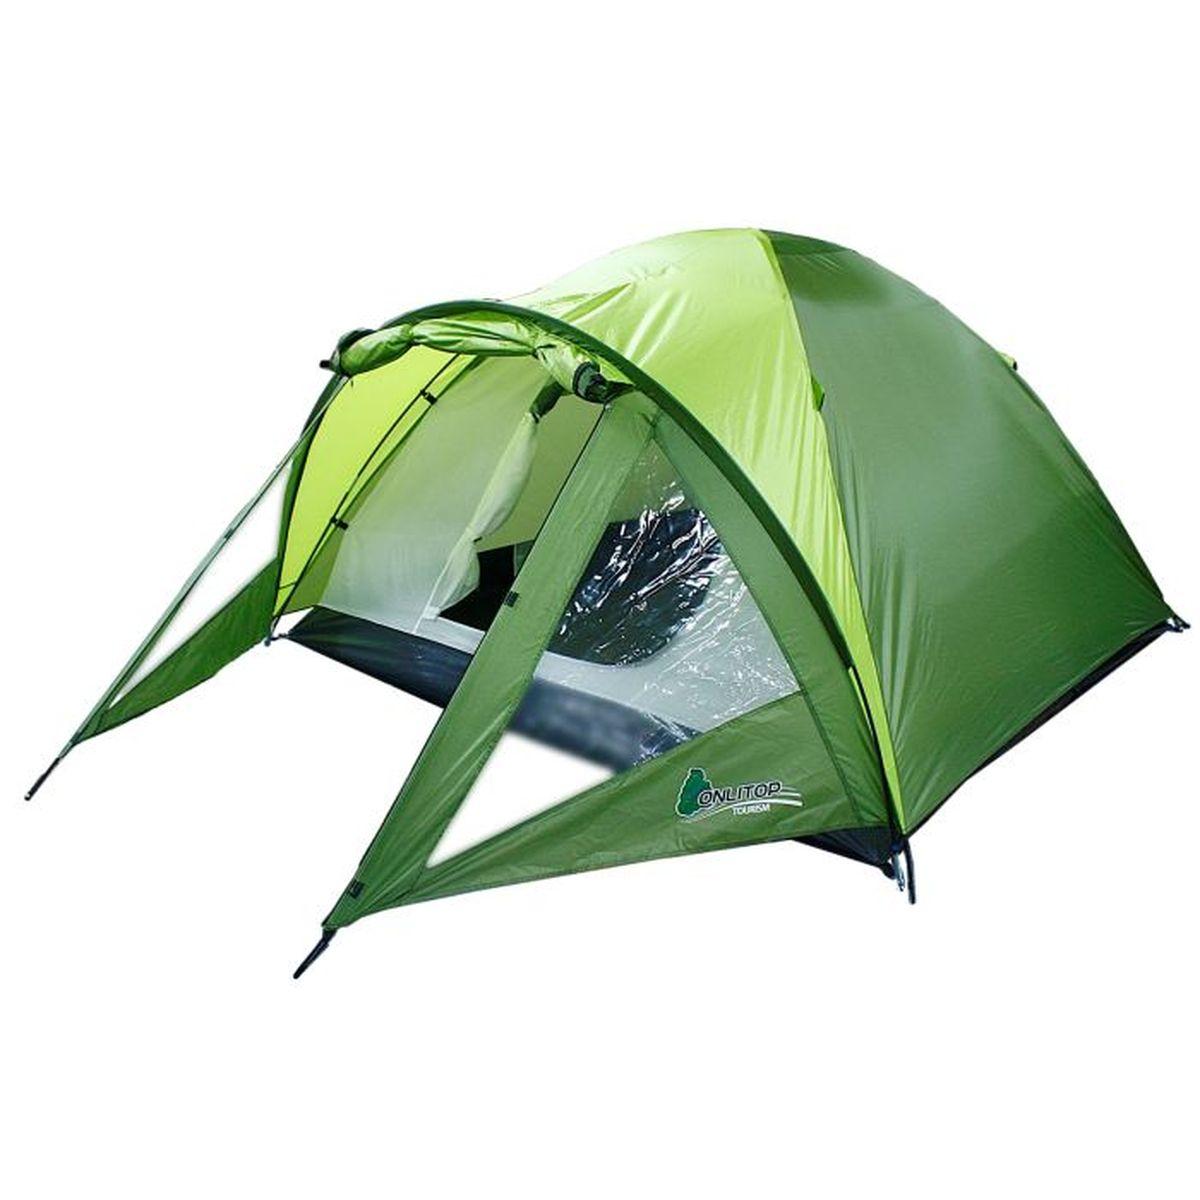 Палатка туристическая Onlitop JOVIN 2, цвет: зеленый776302Если вы заядлый турист или просто любитель природы, вы хоть раз задумывались о ночёвке на свежем воздухе. Чтобы провести её с комфортом, вам понадобится отличная палатка, Она обеспечит безопасный досуг и защитит от непогоды и насекомых. Ткань рипстоп гарантирует длительную эксплуатацию палатки за счёт высокой прочности материала.